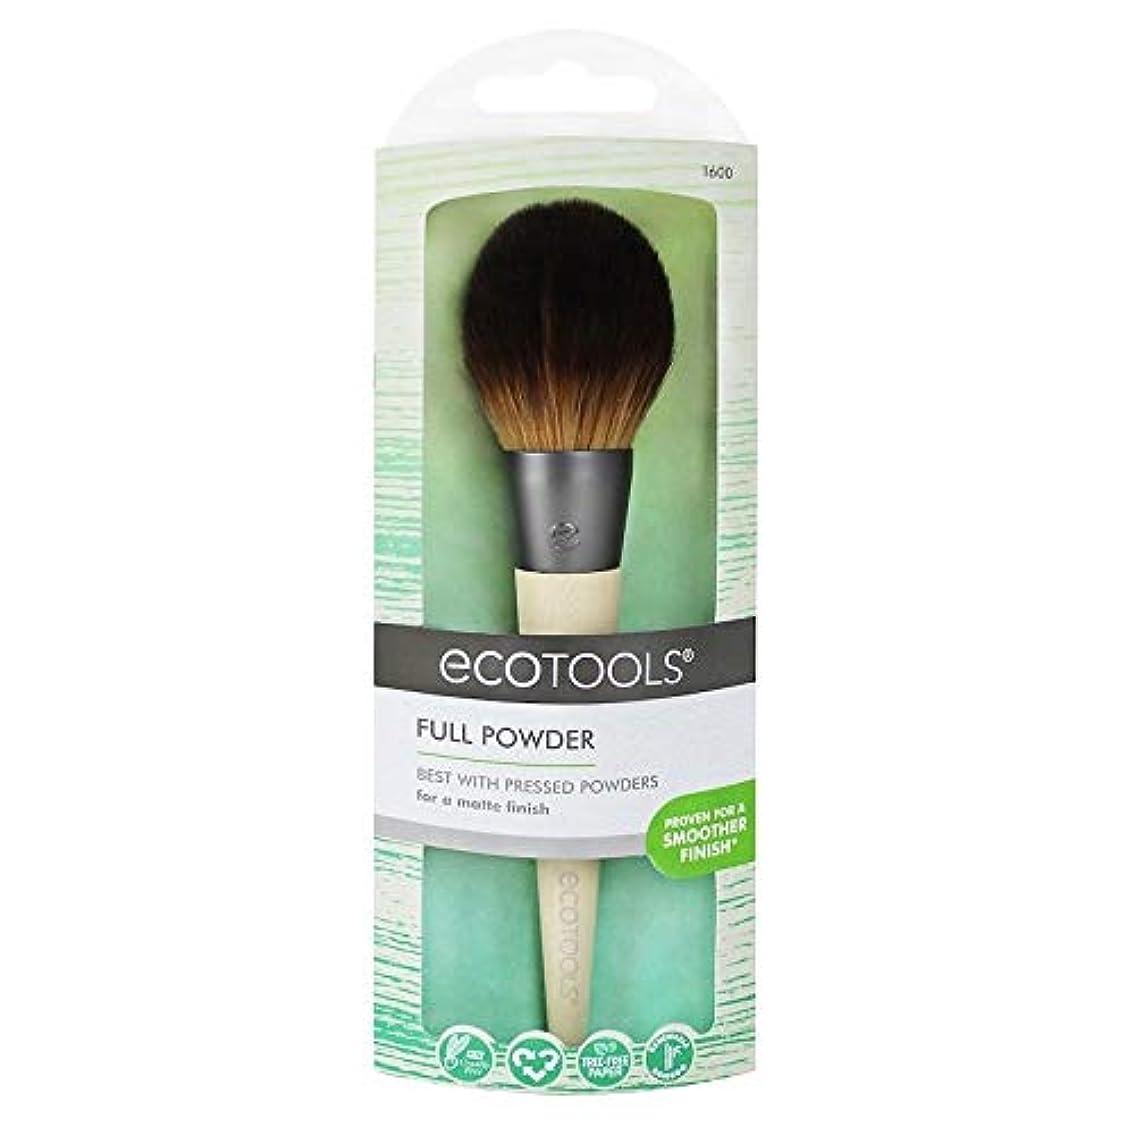 レイア口述ペチコートEcotools Cruelty Free and Eco Friendly Full Powder Brush Made With Recycled Aluminum Materials and Bamboo Fibers...